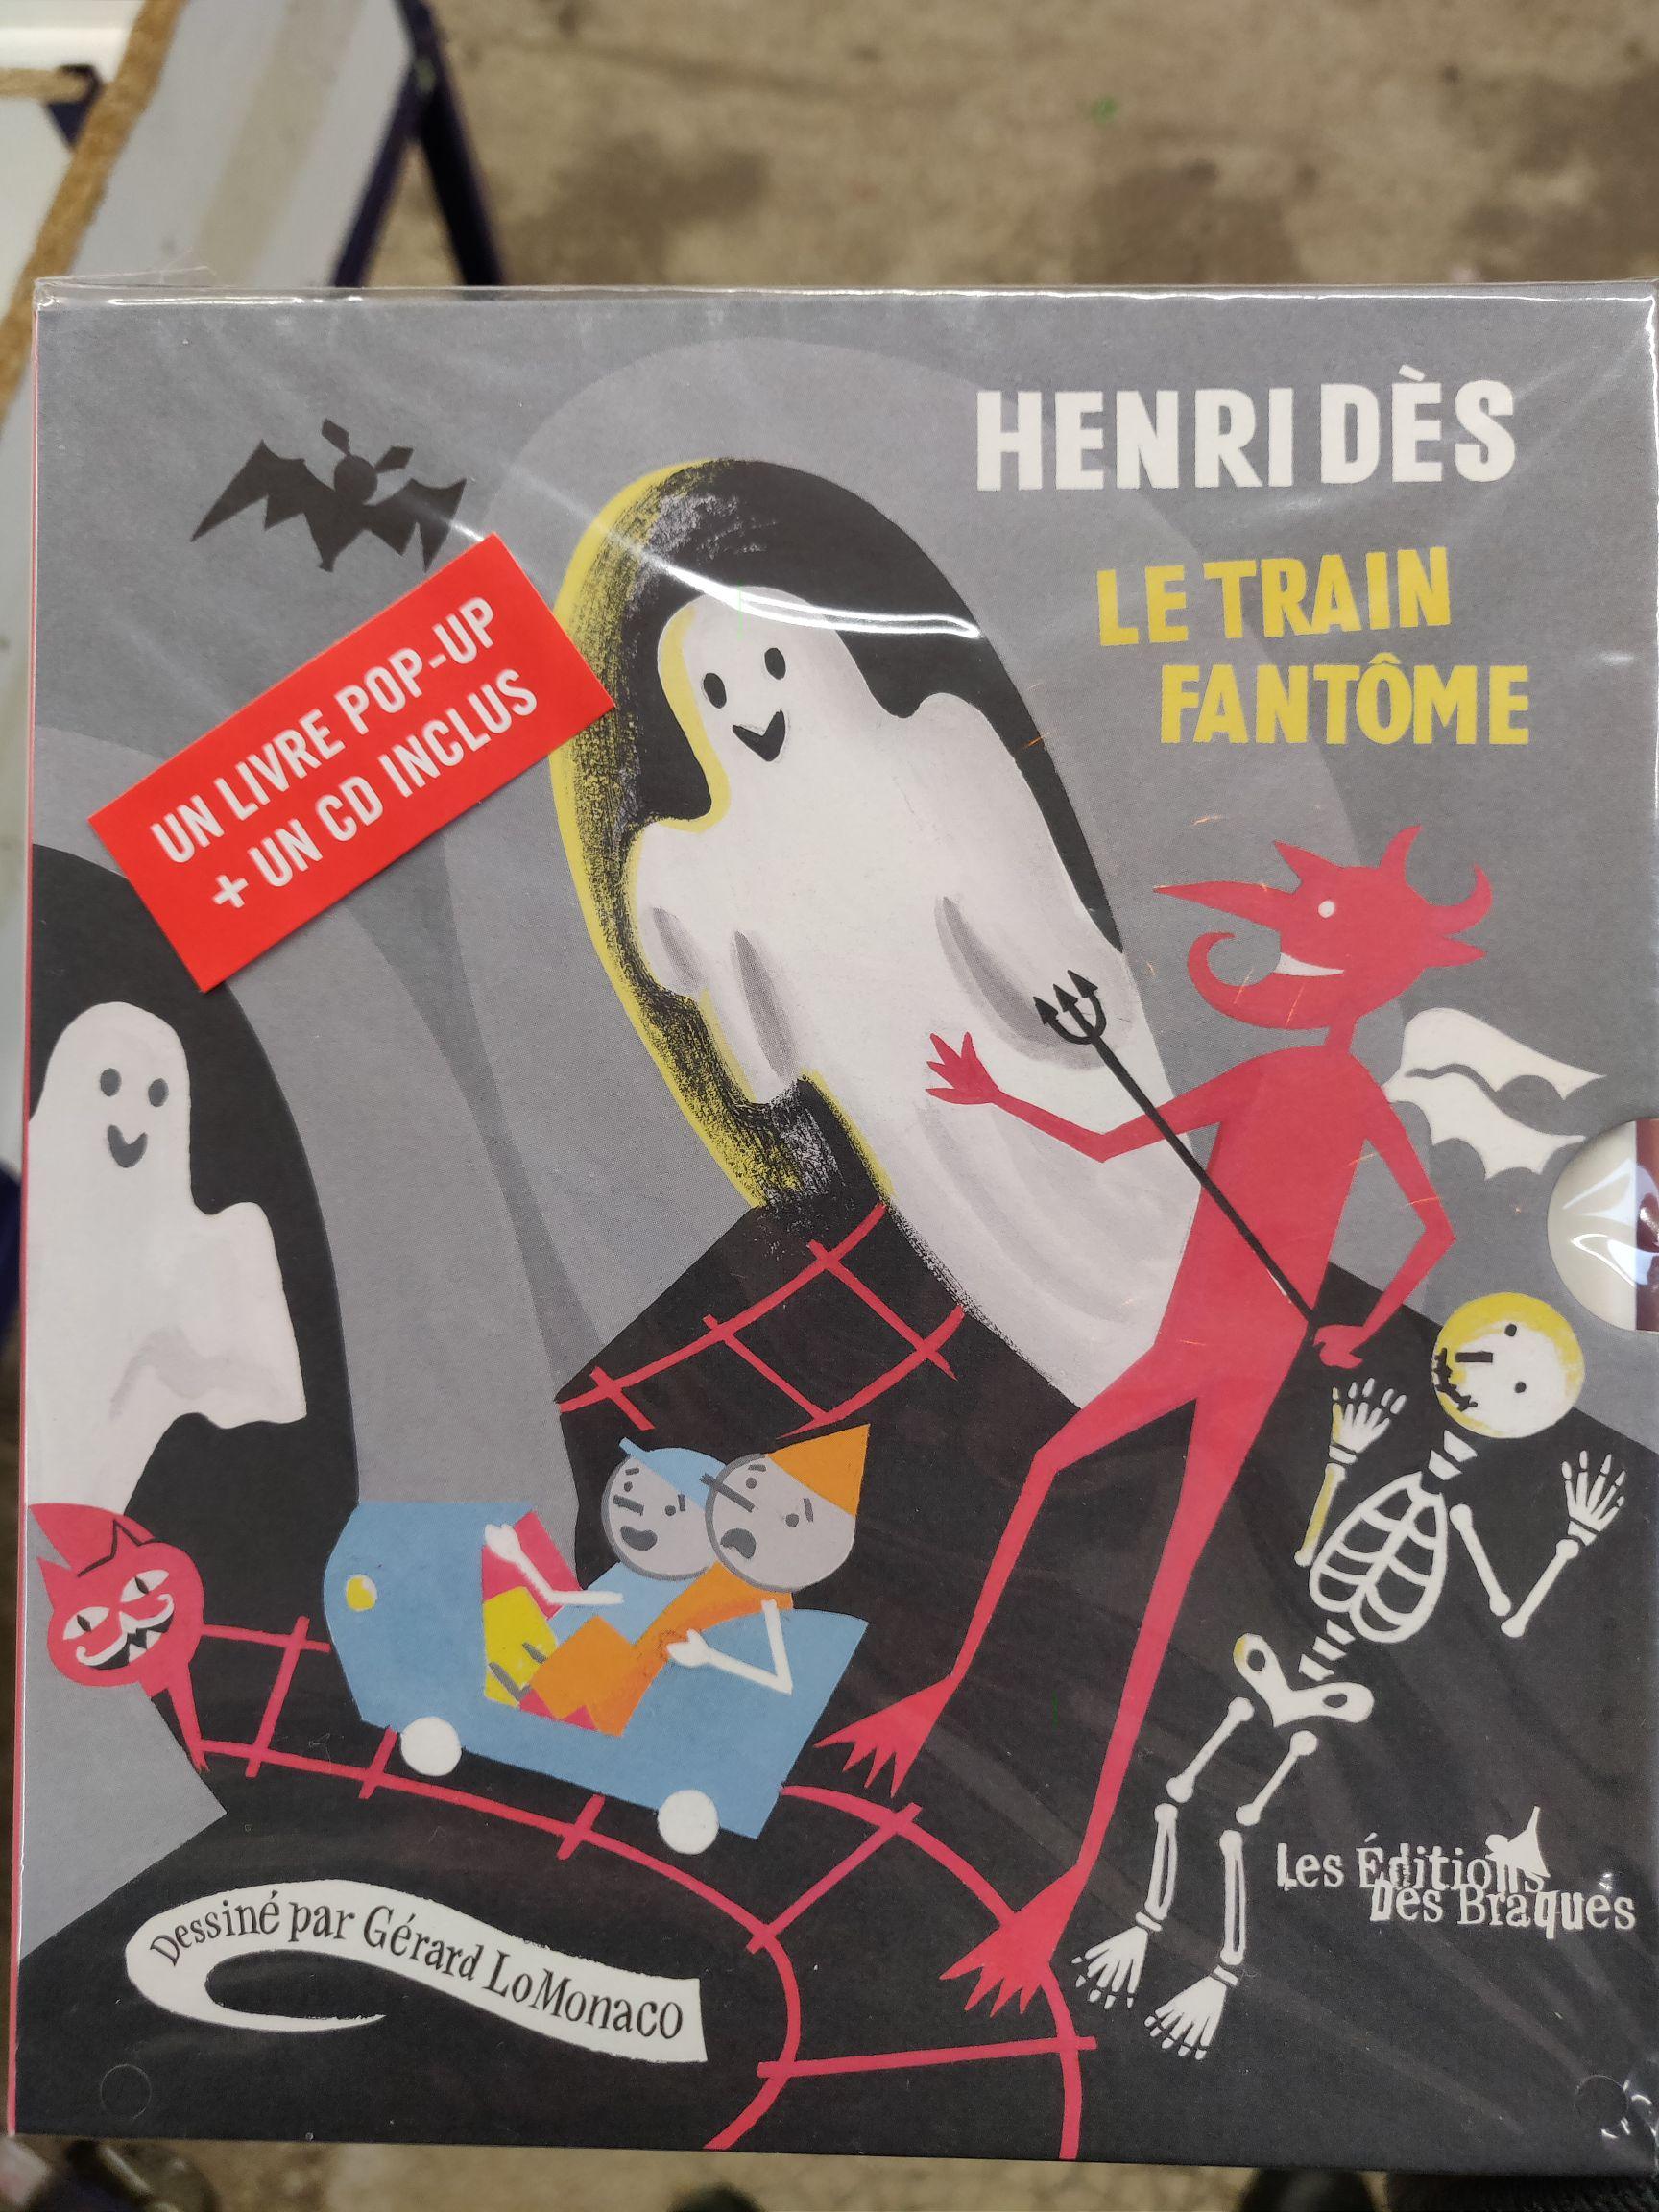 Le train fantome, Livre avec 1 CD audio (Noeux-les-Mines 62)